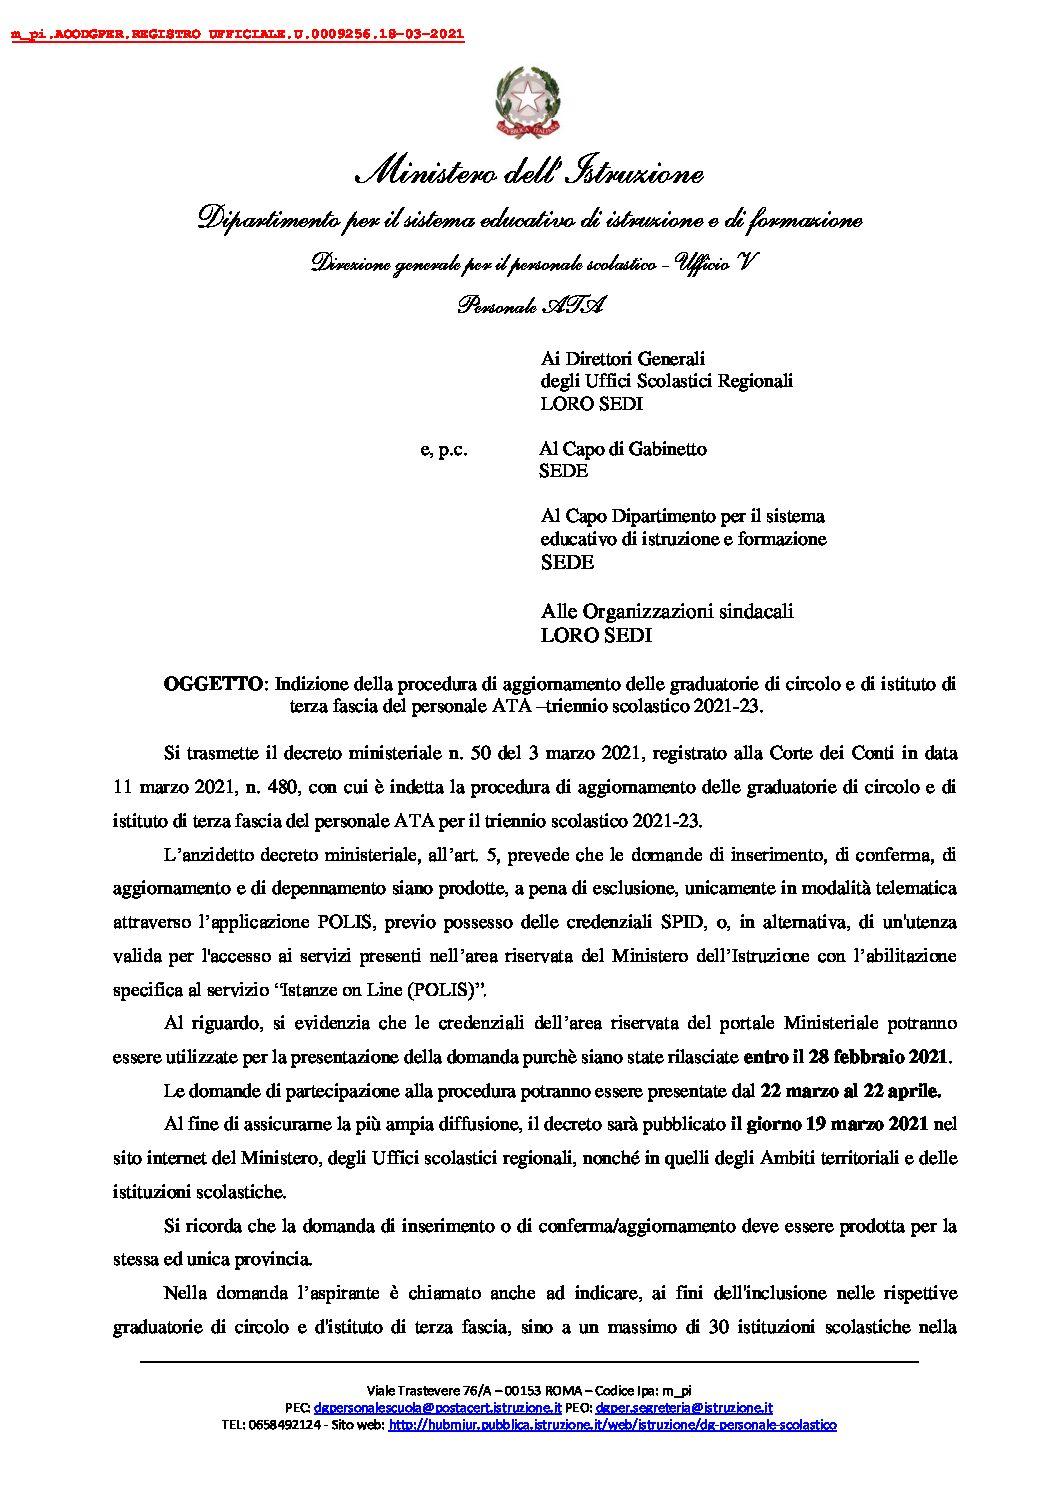 Personale ATA-pubblicazione D.M 50 del 3 Marzo 2021. 19/03/2021, 16:44